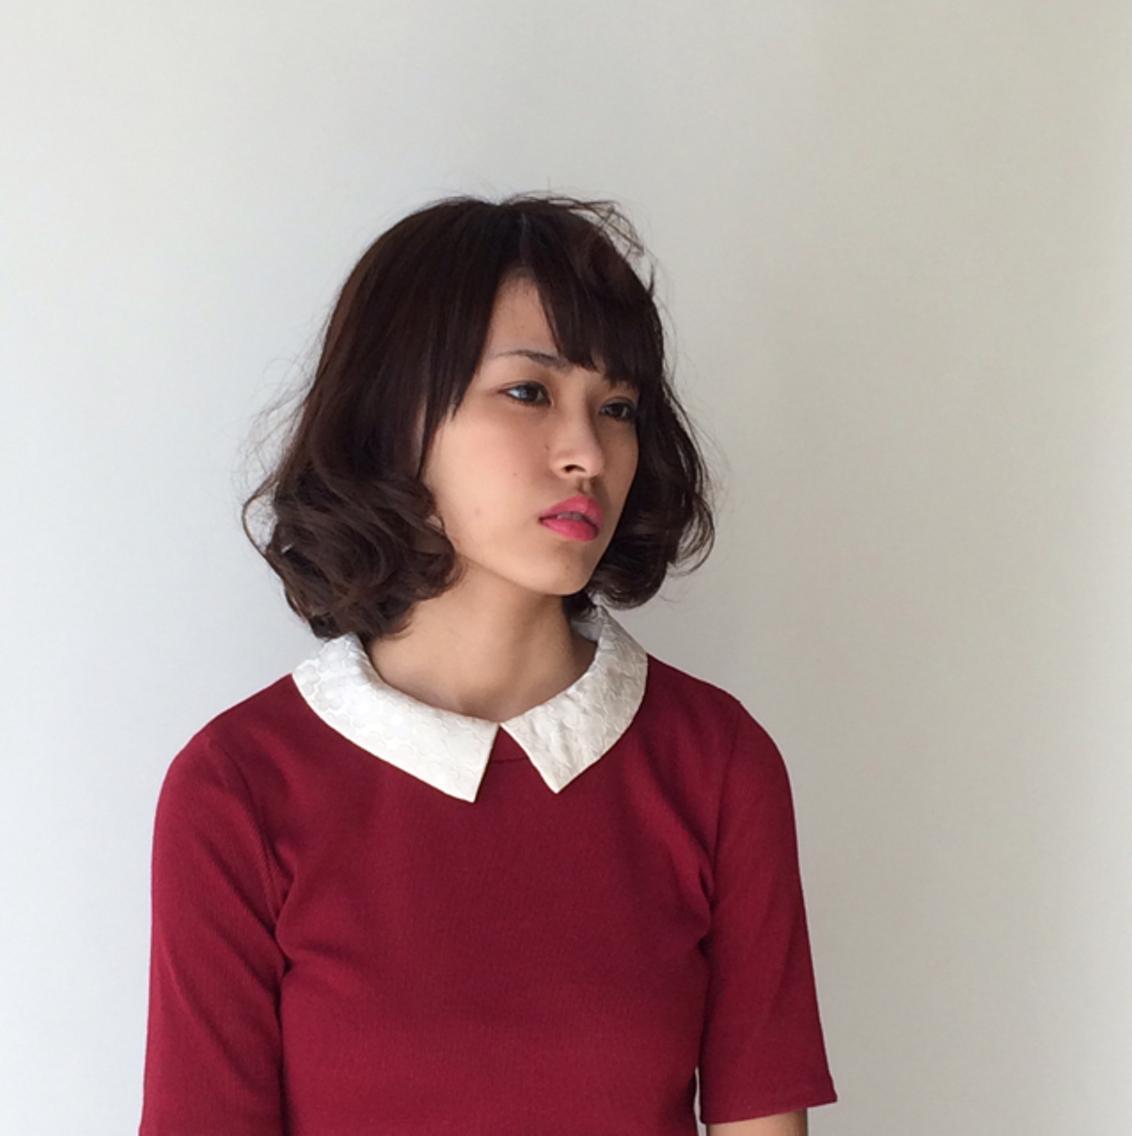 1月24日(火)の撮影モデルさん募集